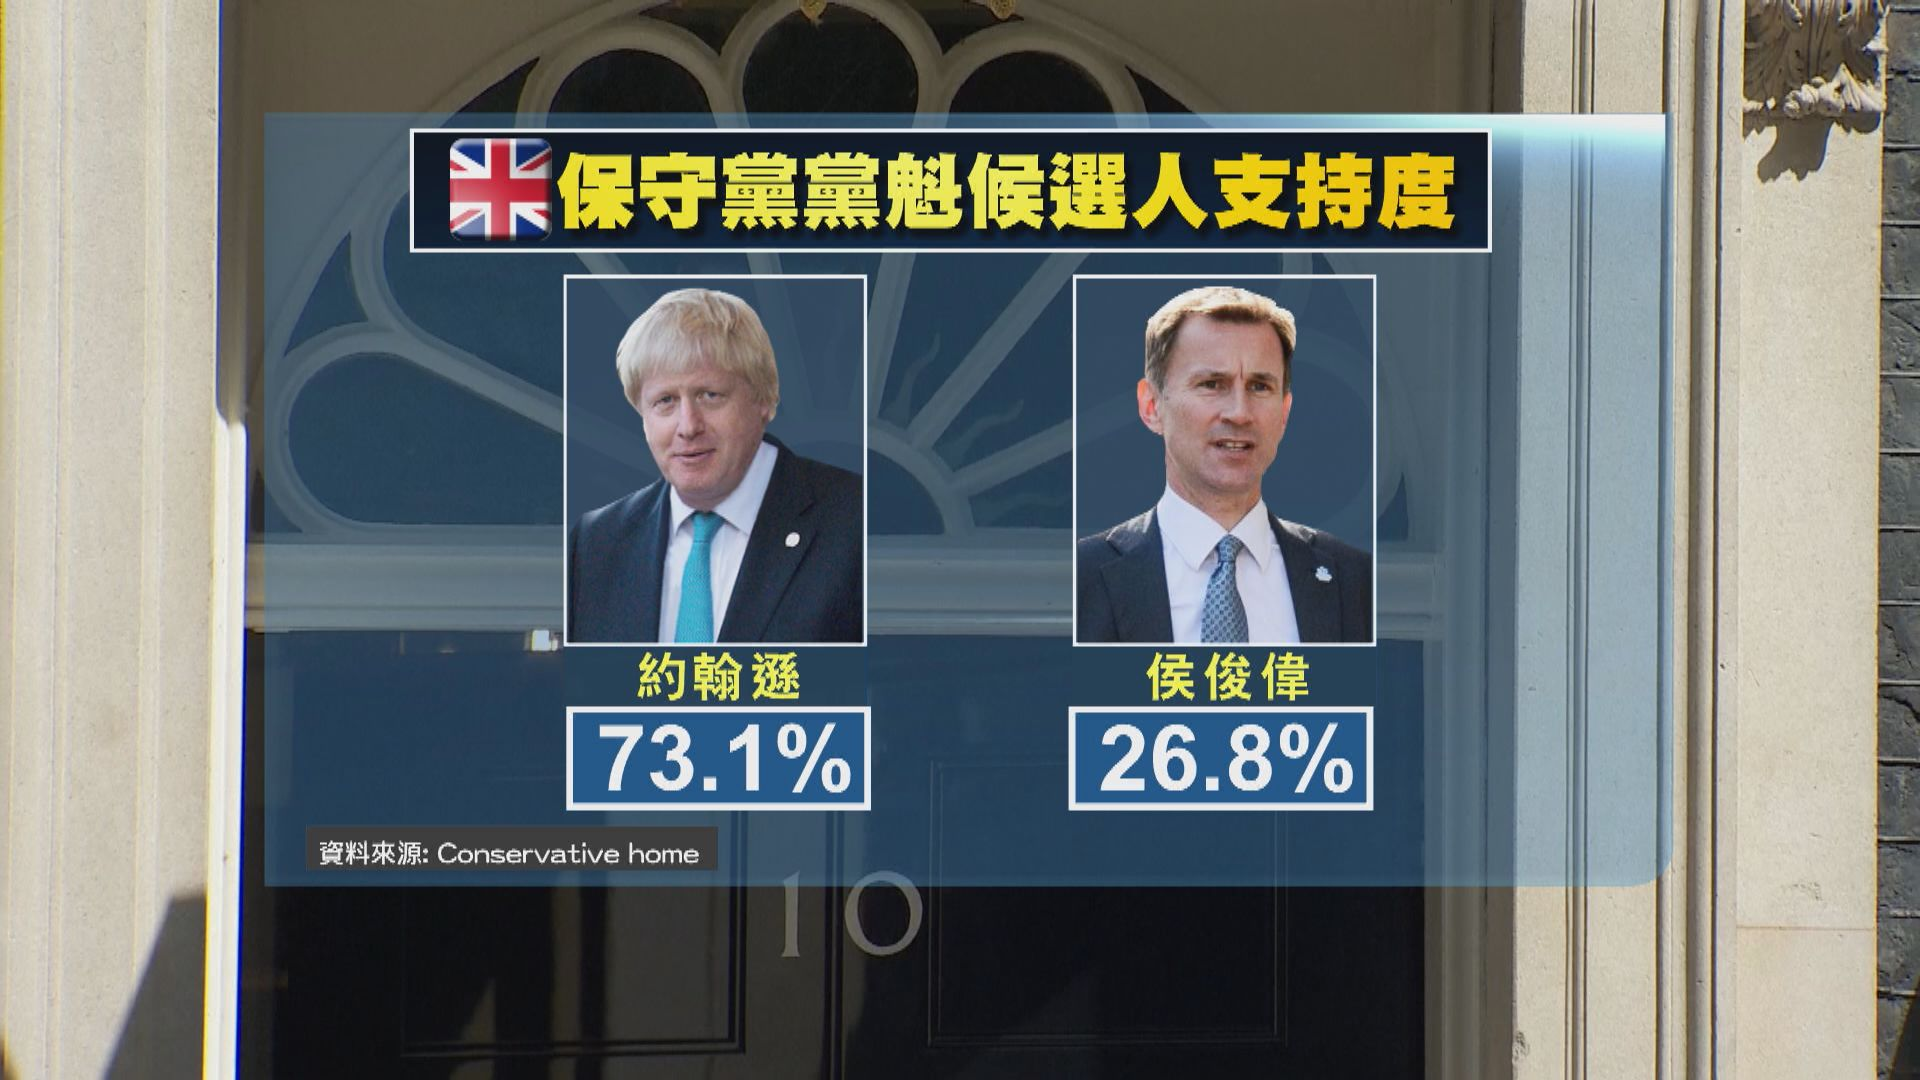 約翰遜料成英國下任首相 據報正籌組內閣